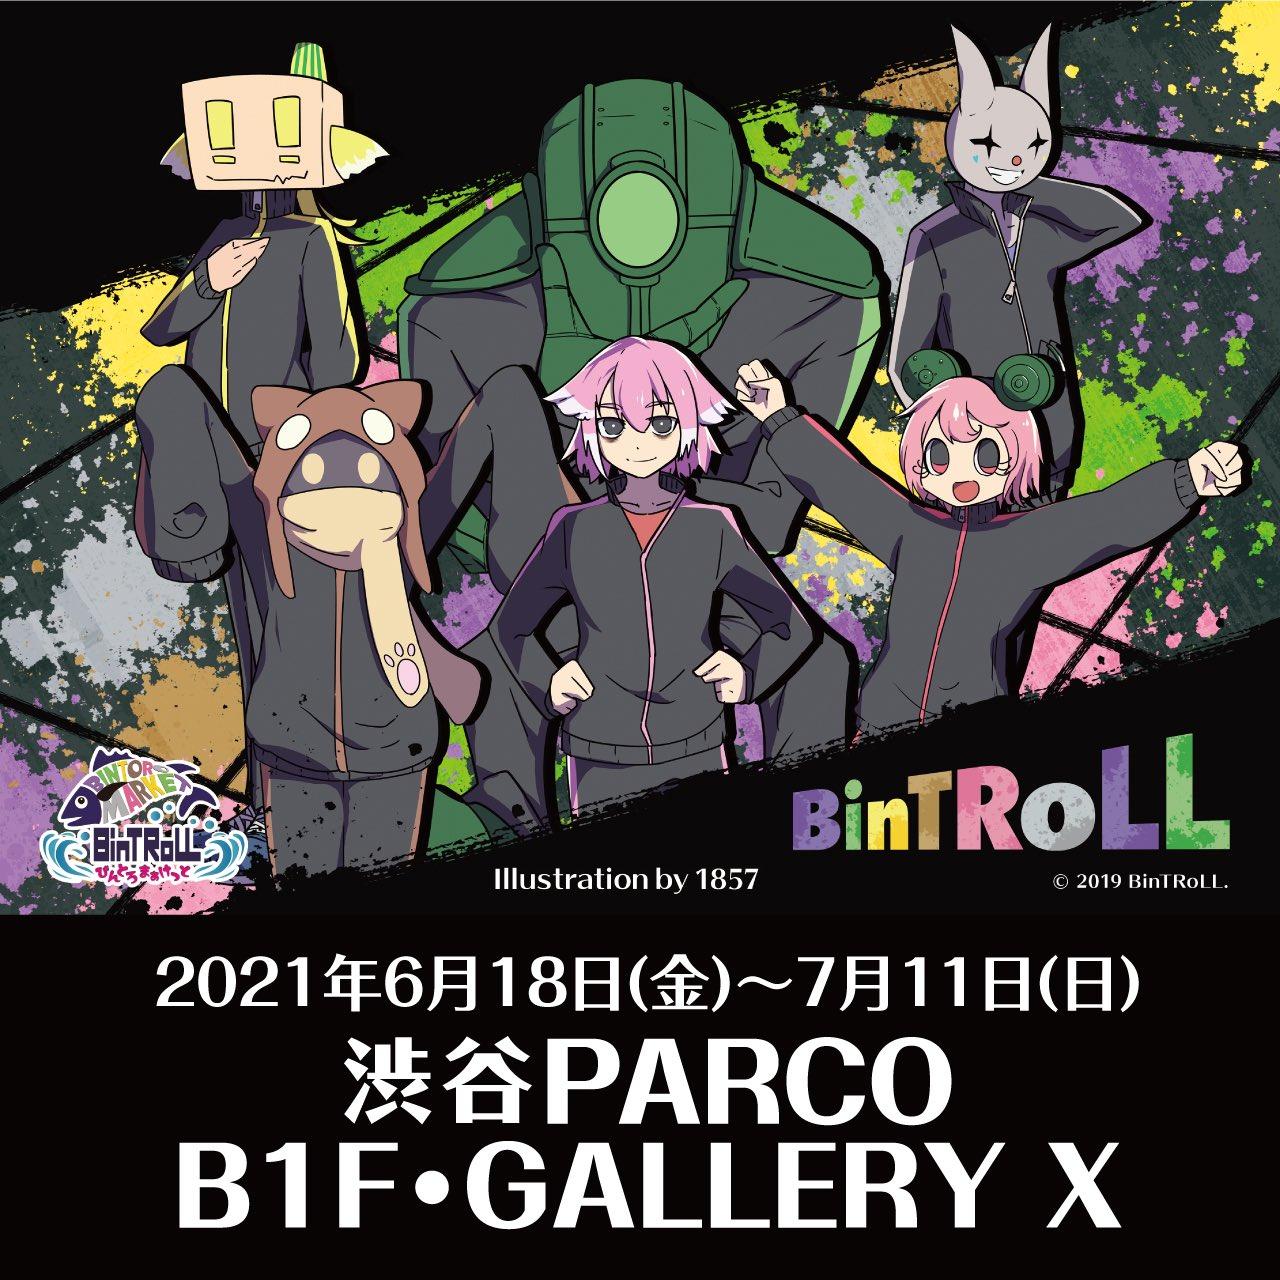 6/29(火)入場予約チケット(先着・無料) BinTRoLL『びんとろまぁけっと』in 渋谷PARCO